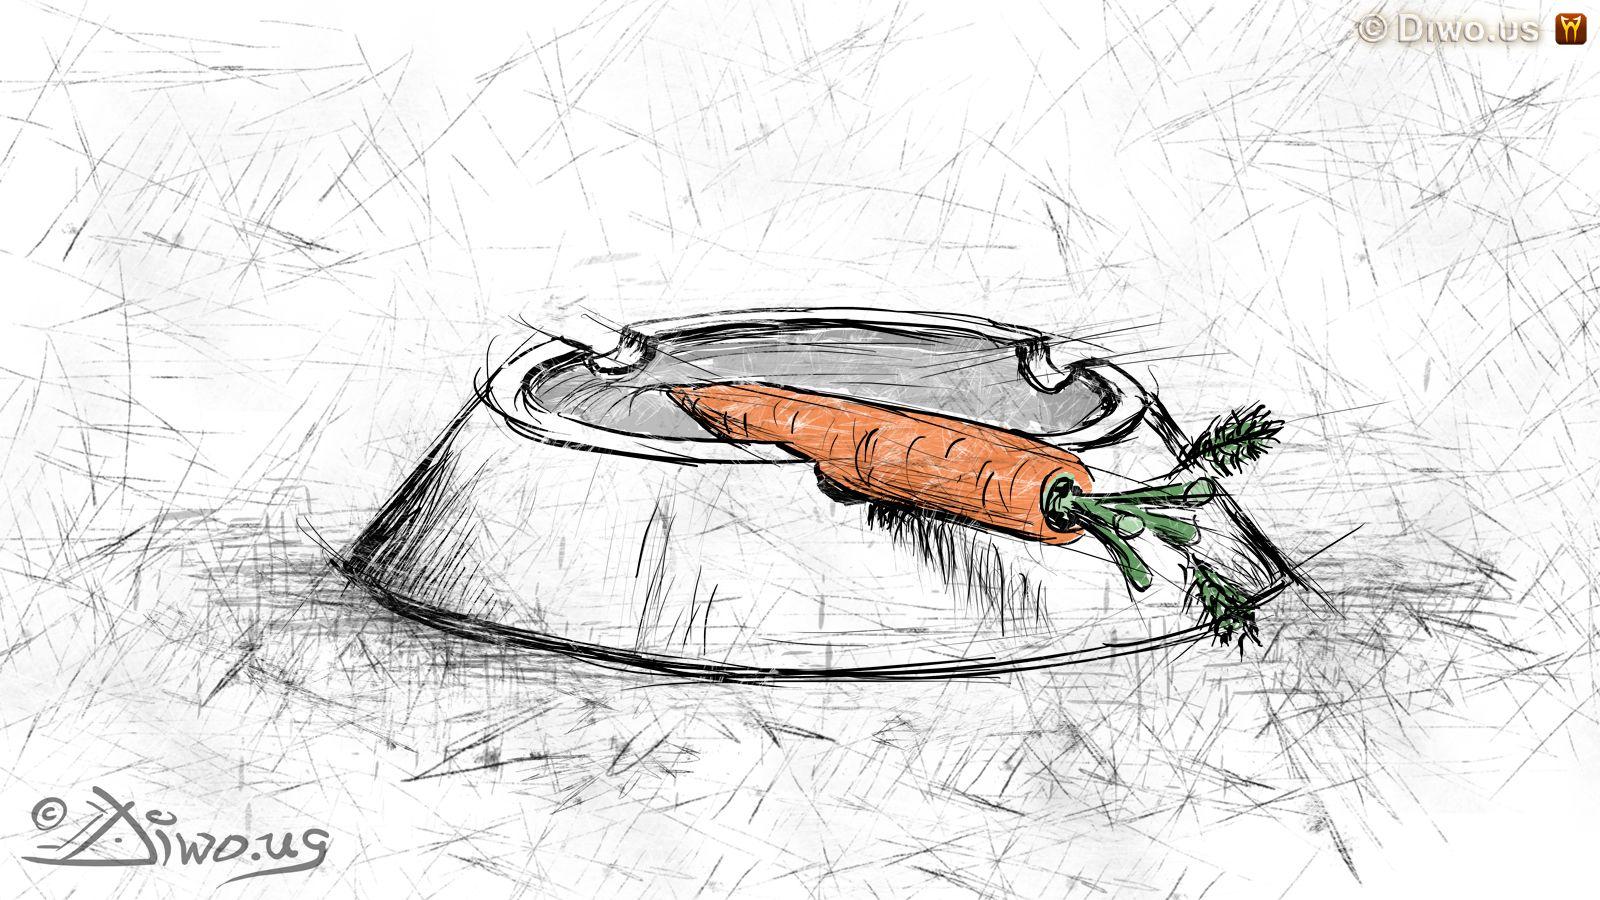 Diwous - fejeton - Protikuřácký zákon, fejeton, hospody, Irsko, plošný zákaz kouření, restaurace, výhody a nevýhody